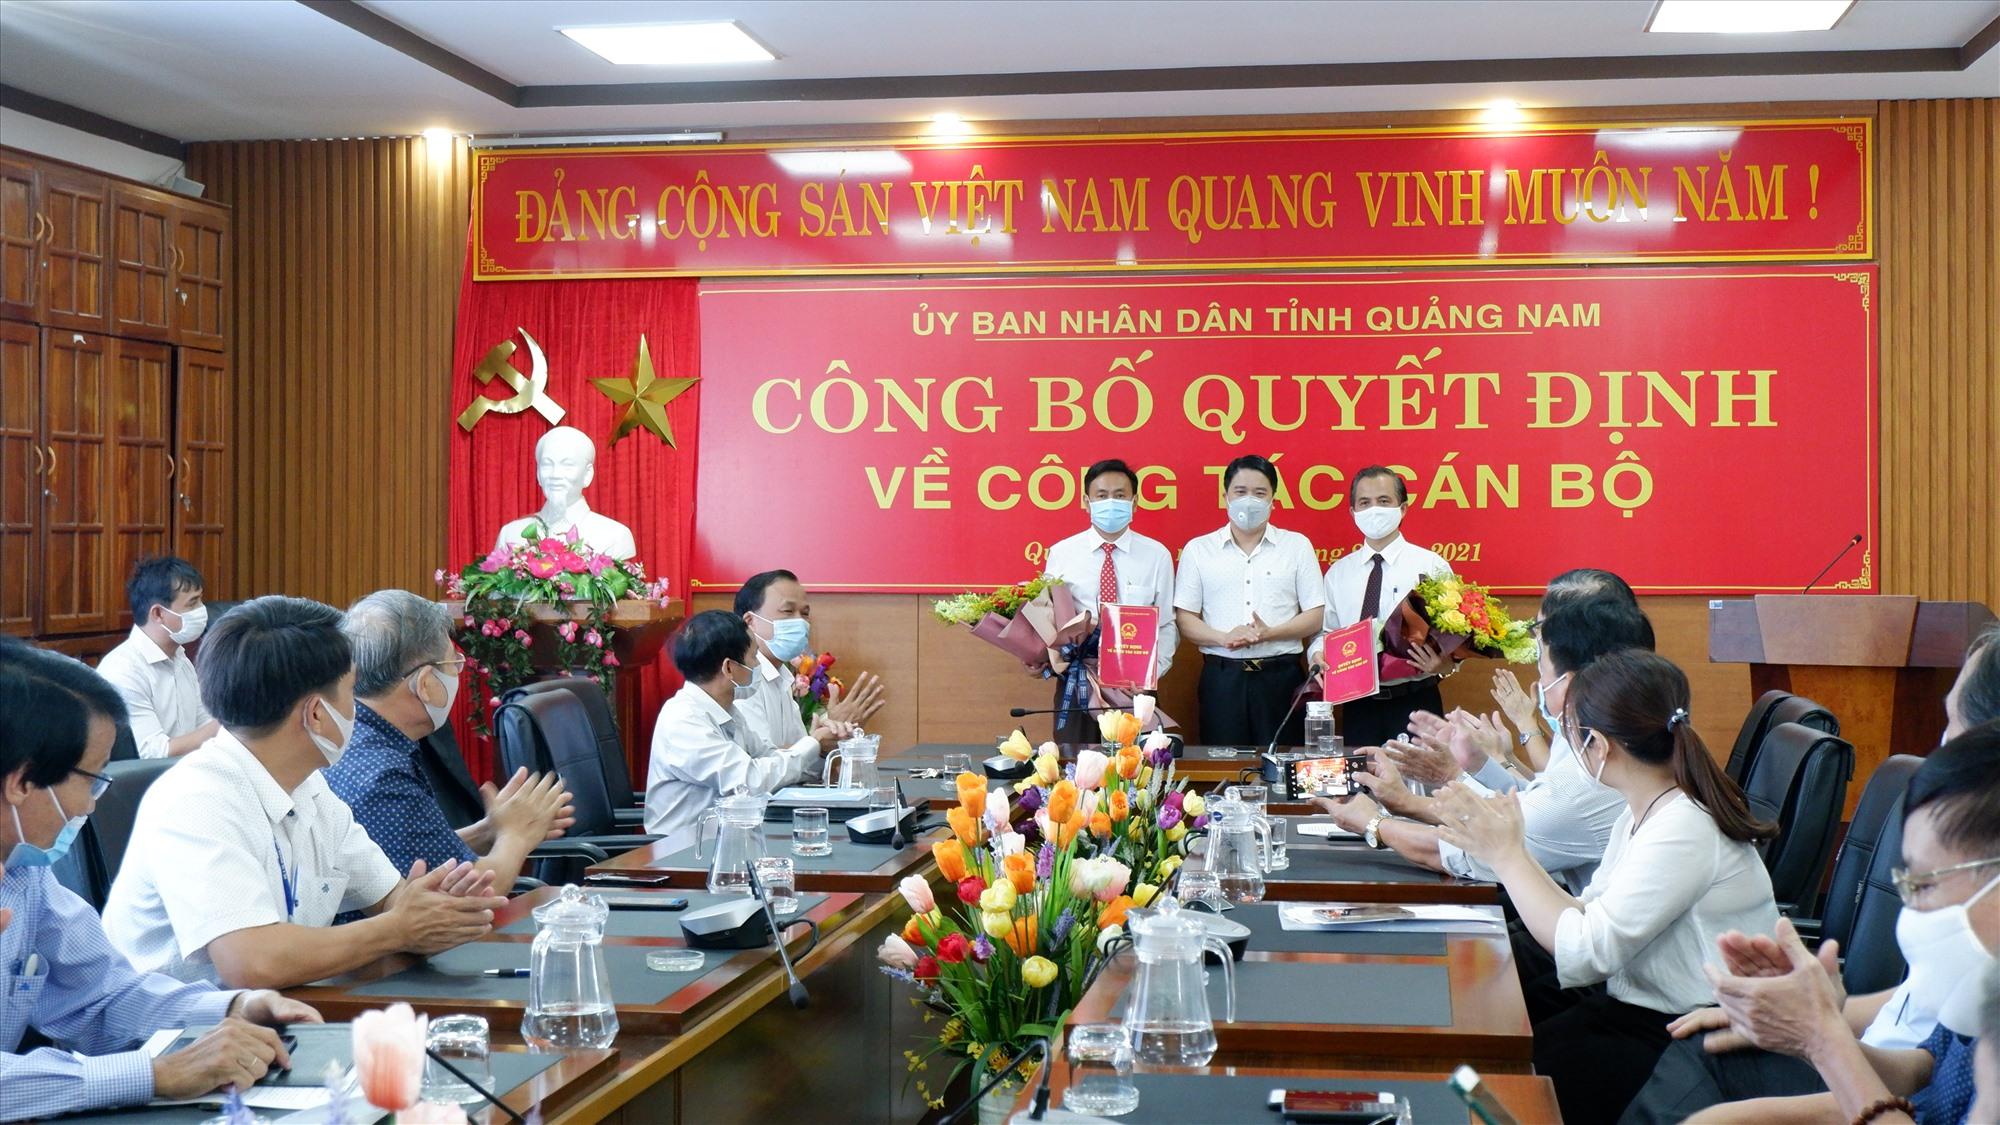 Ông Dương Ngọc Vinh và ông Huỳnh Thuận sẽ nhận nhiệm vụ là Phó Giám đốc Sở Y tế vào ngày 1.9. Ảnh: X.H